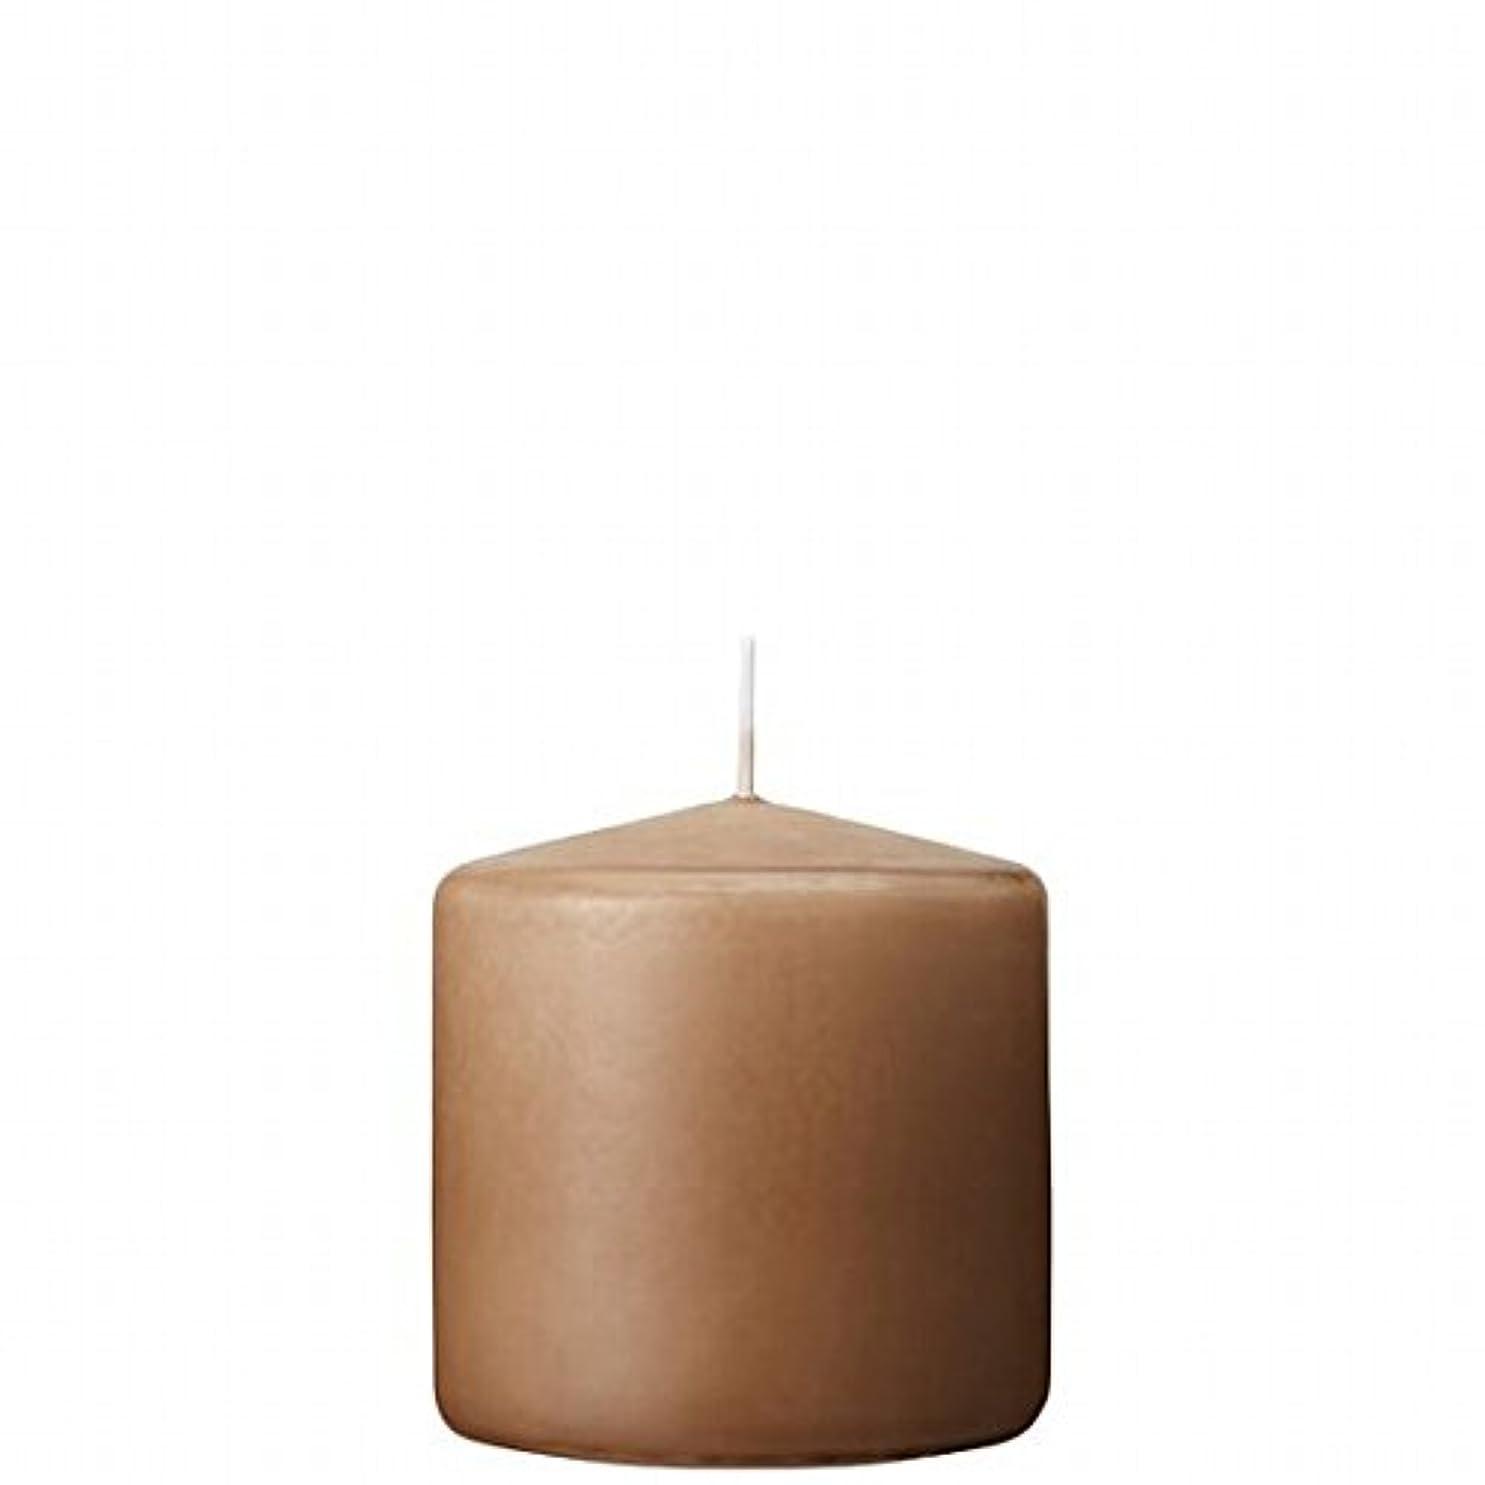 周り訪問変換するカメヤマキャンドル( kameyama candle ) 3×3ベルトップピラーキャンドル 「 モカ 」